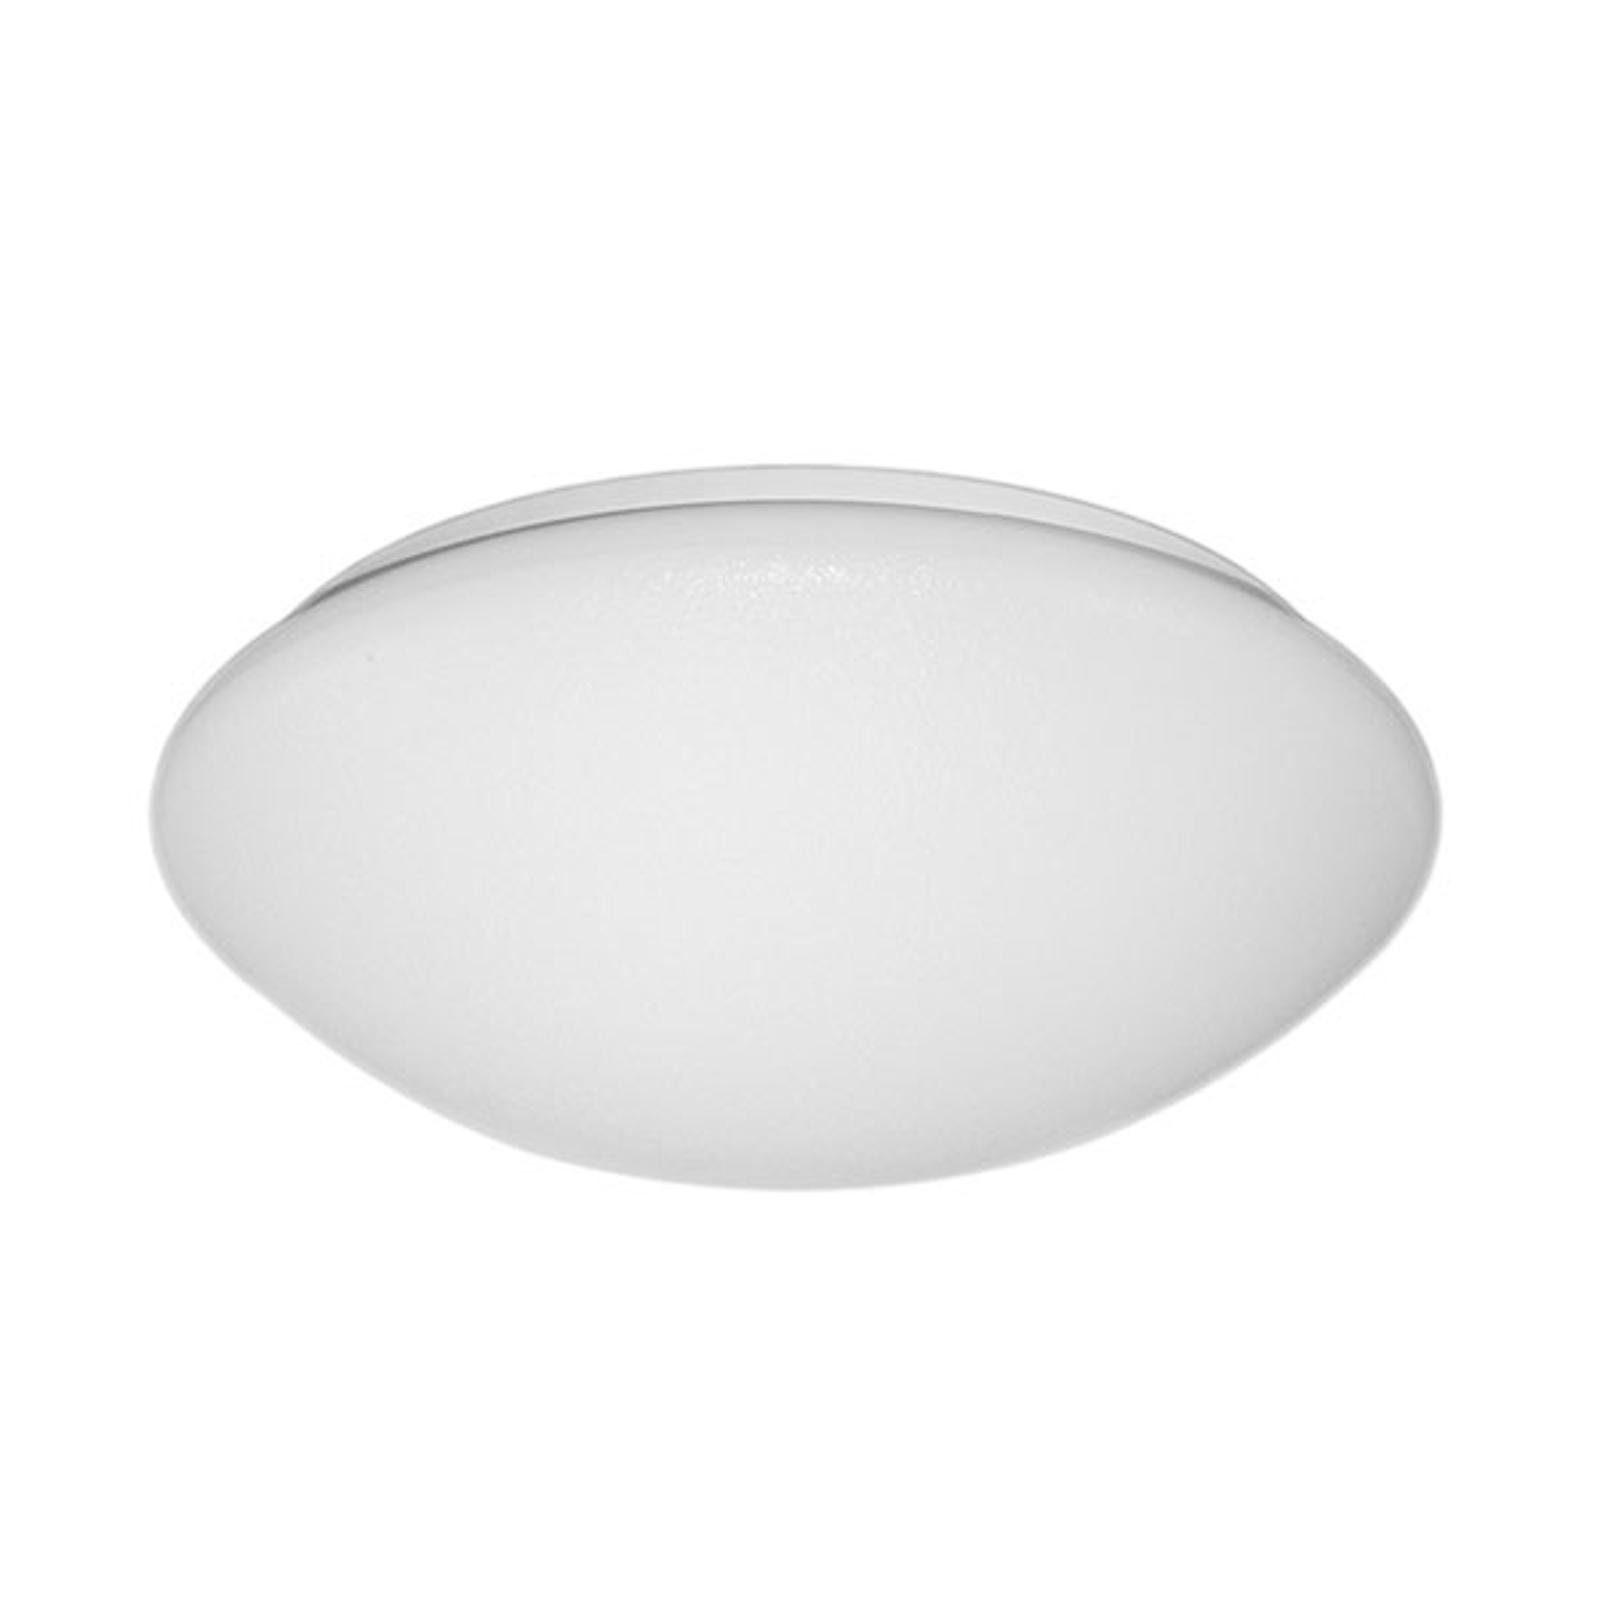 LED-Deckenleuchte schlagfest 27 W, 4.000 K